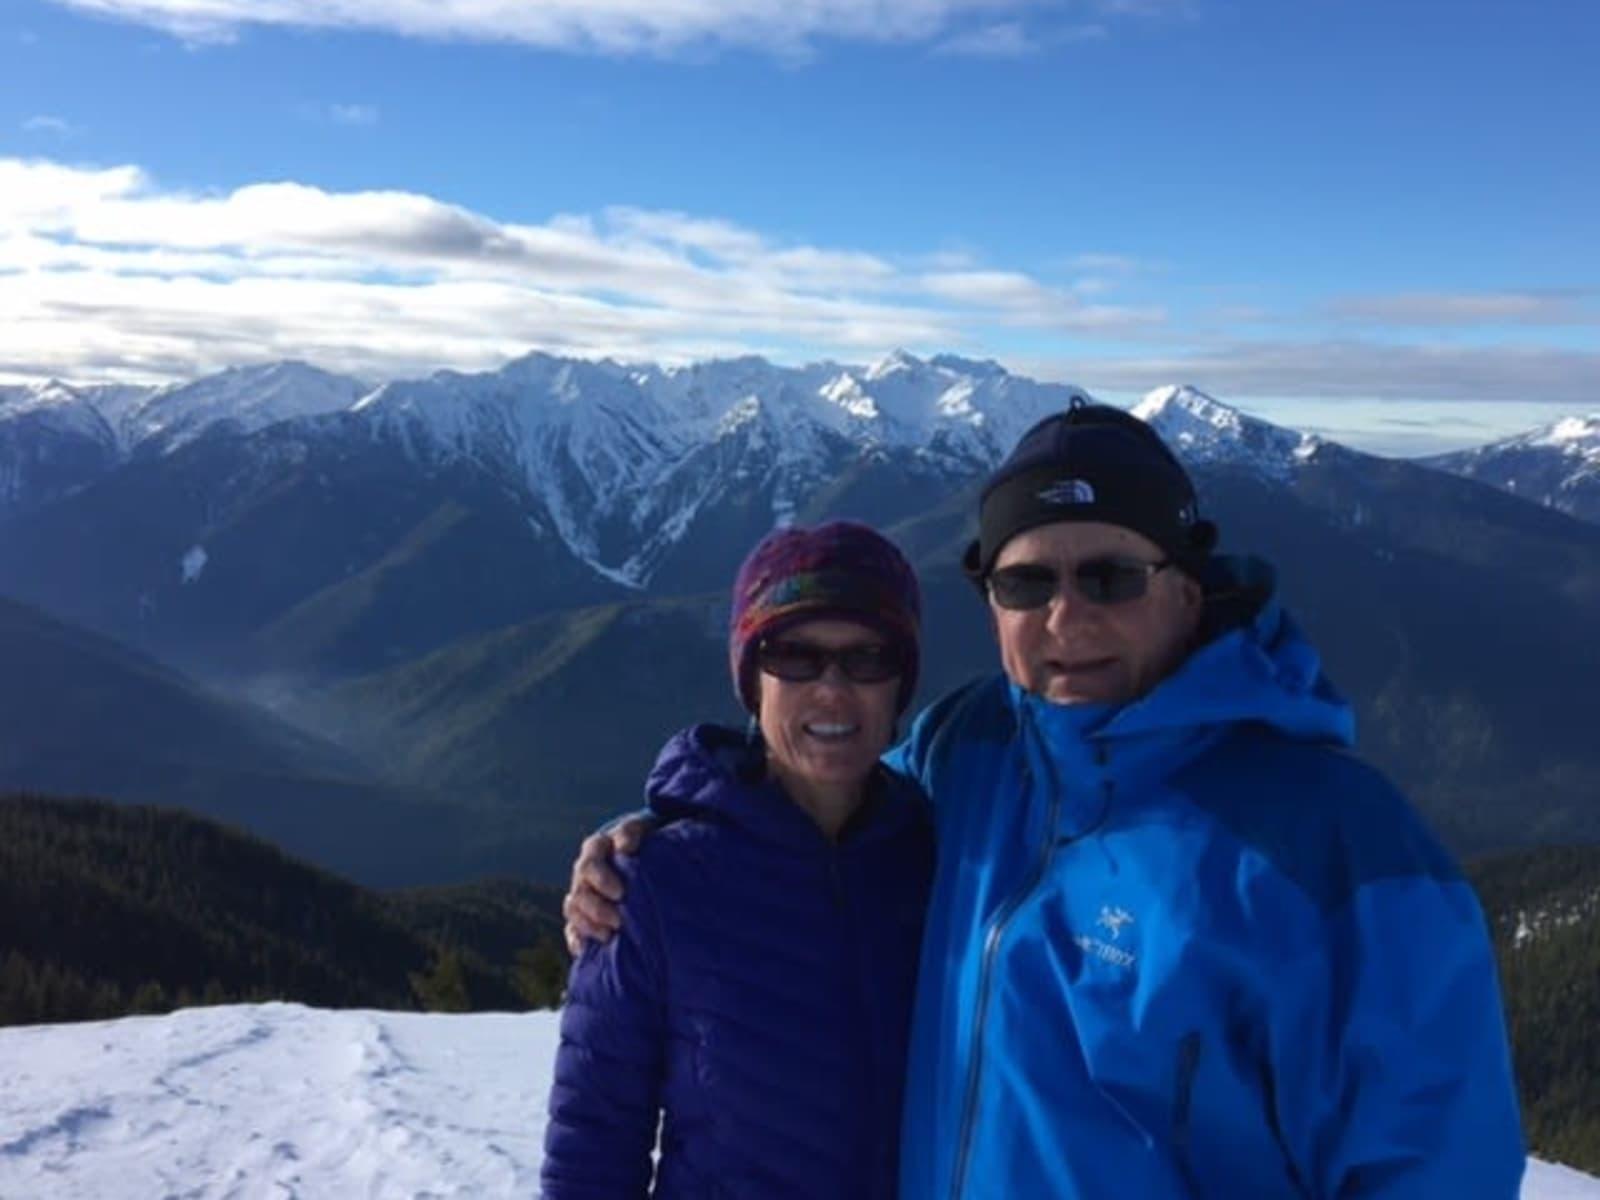 Michele & Stephen from Seattle, Washington, United States